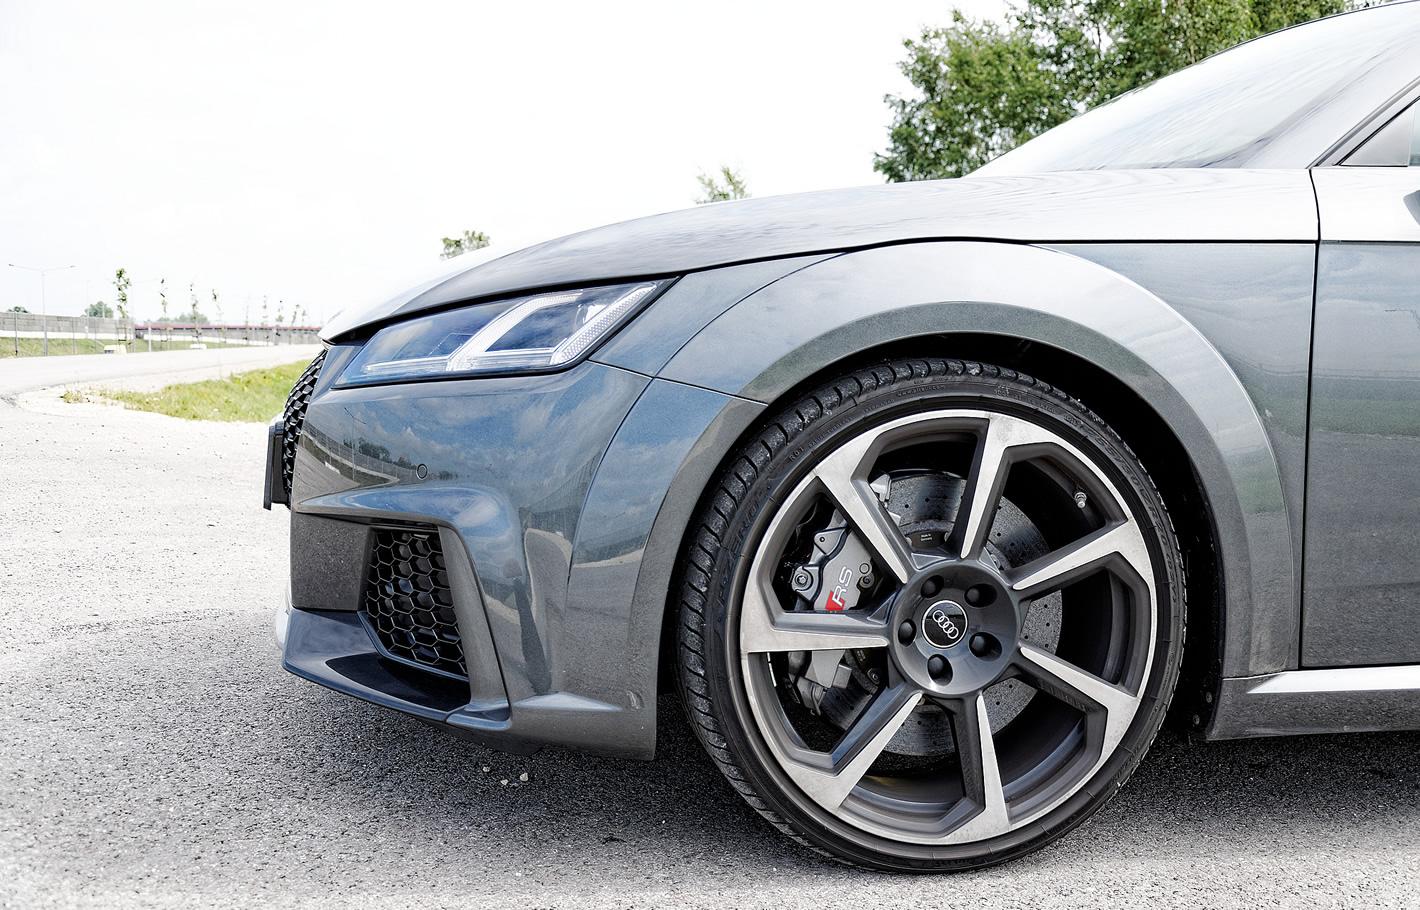 Audi TT RS - zdjęcie lewego koła